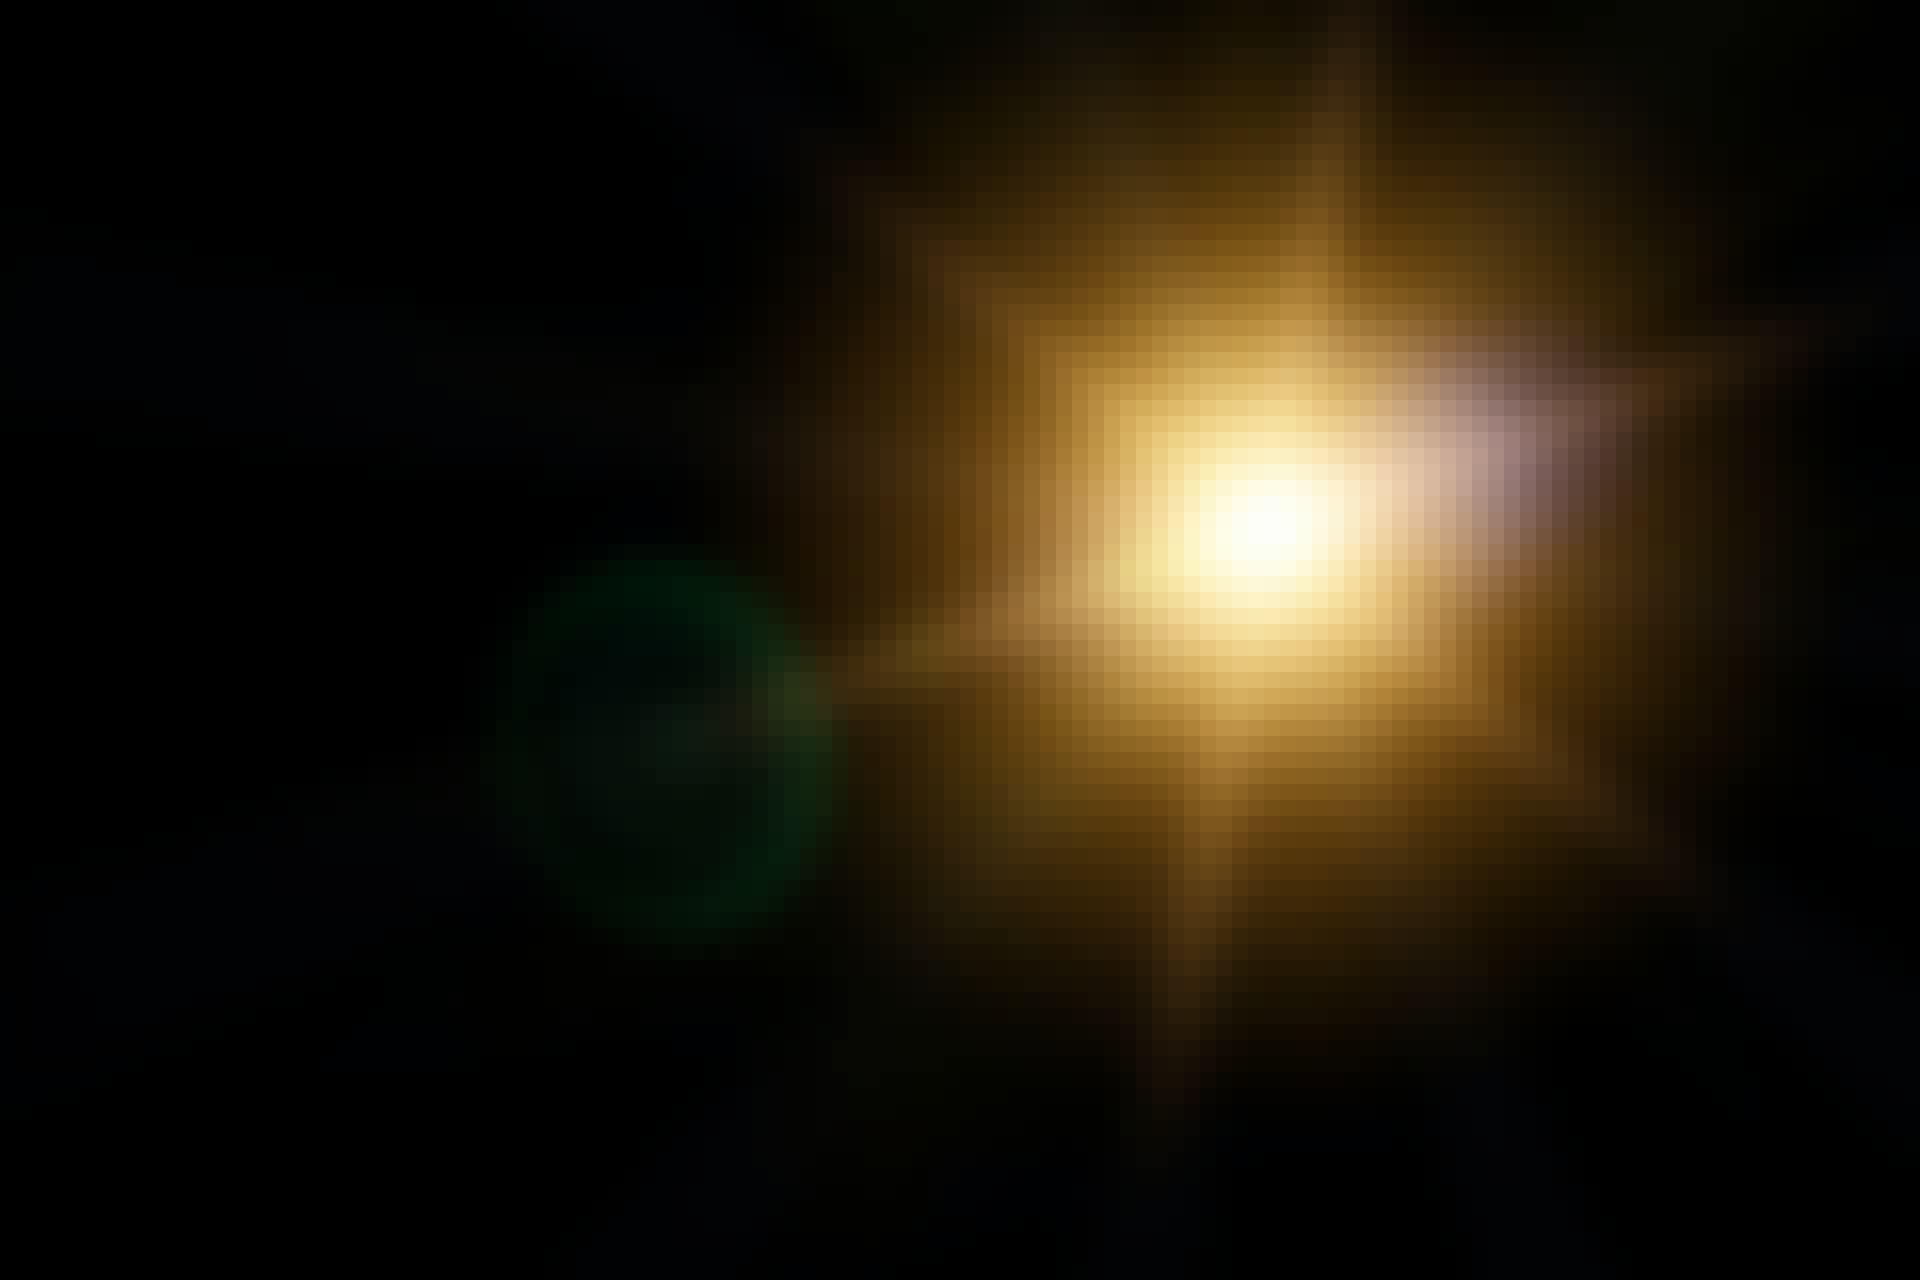 Stjerner - Hvordan opstår stjerner?